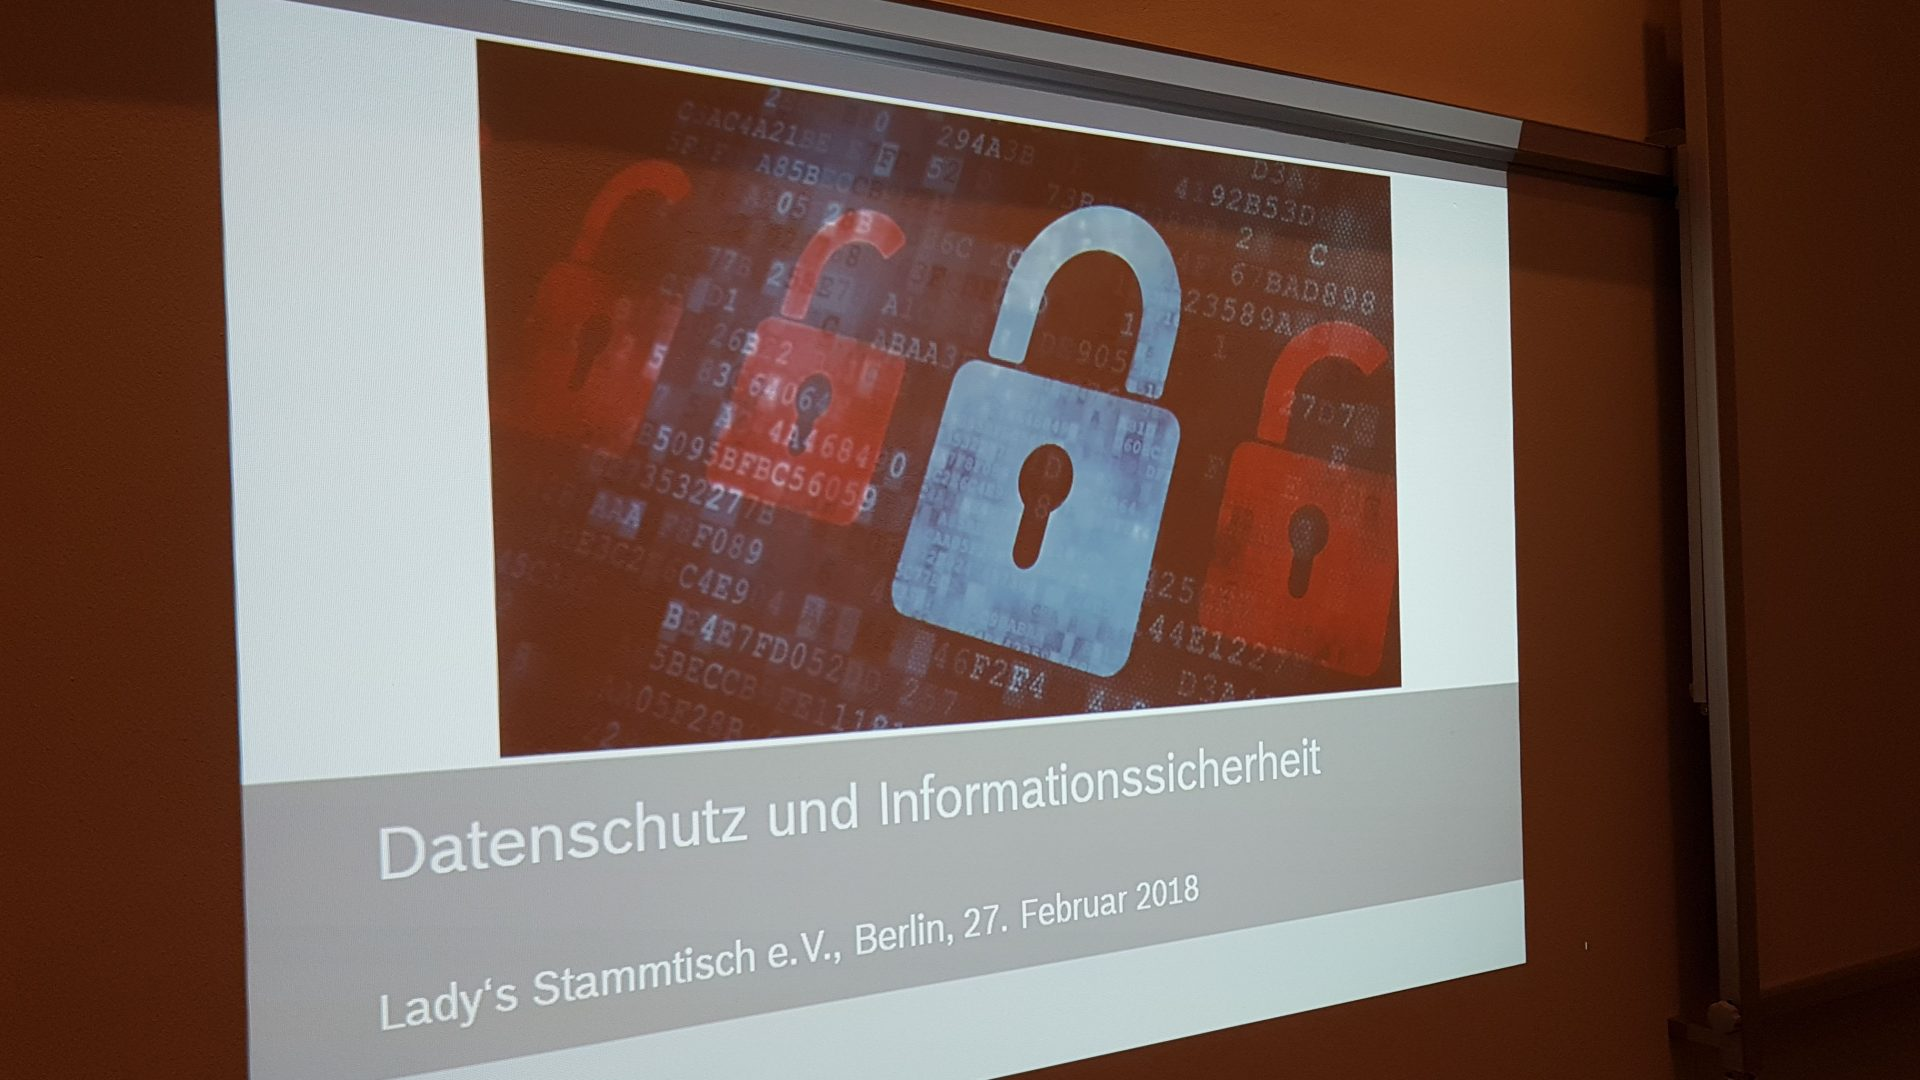 Datenschutz und Informationssicherheit